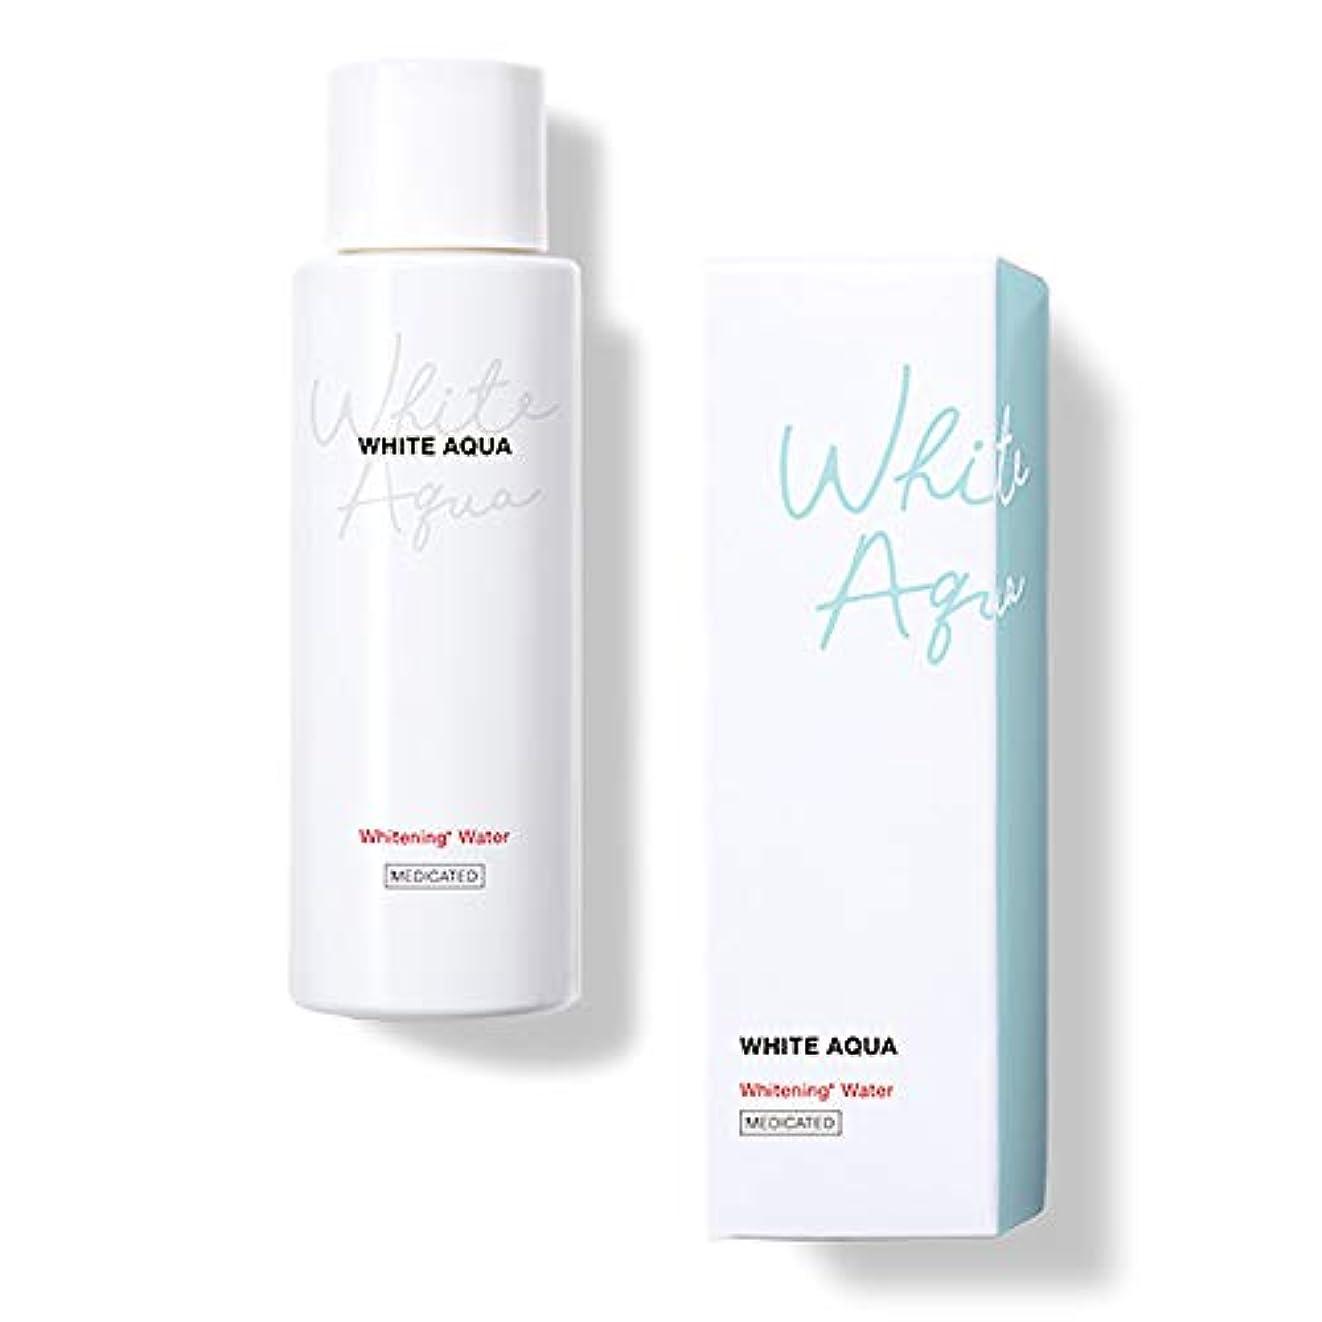 詳細な蒸気自慢ホワイトアクア WHITE AQUA 薬用美白水